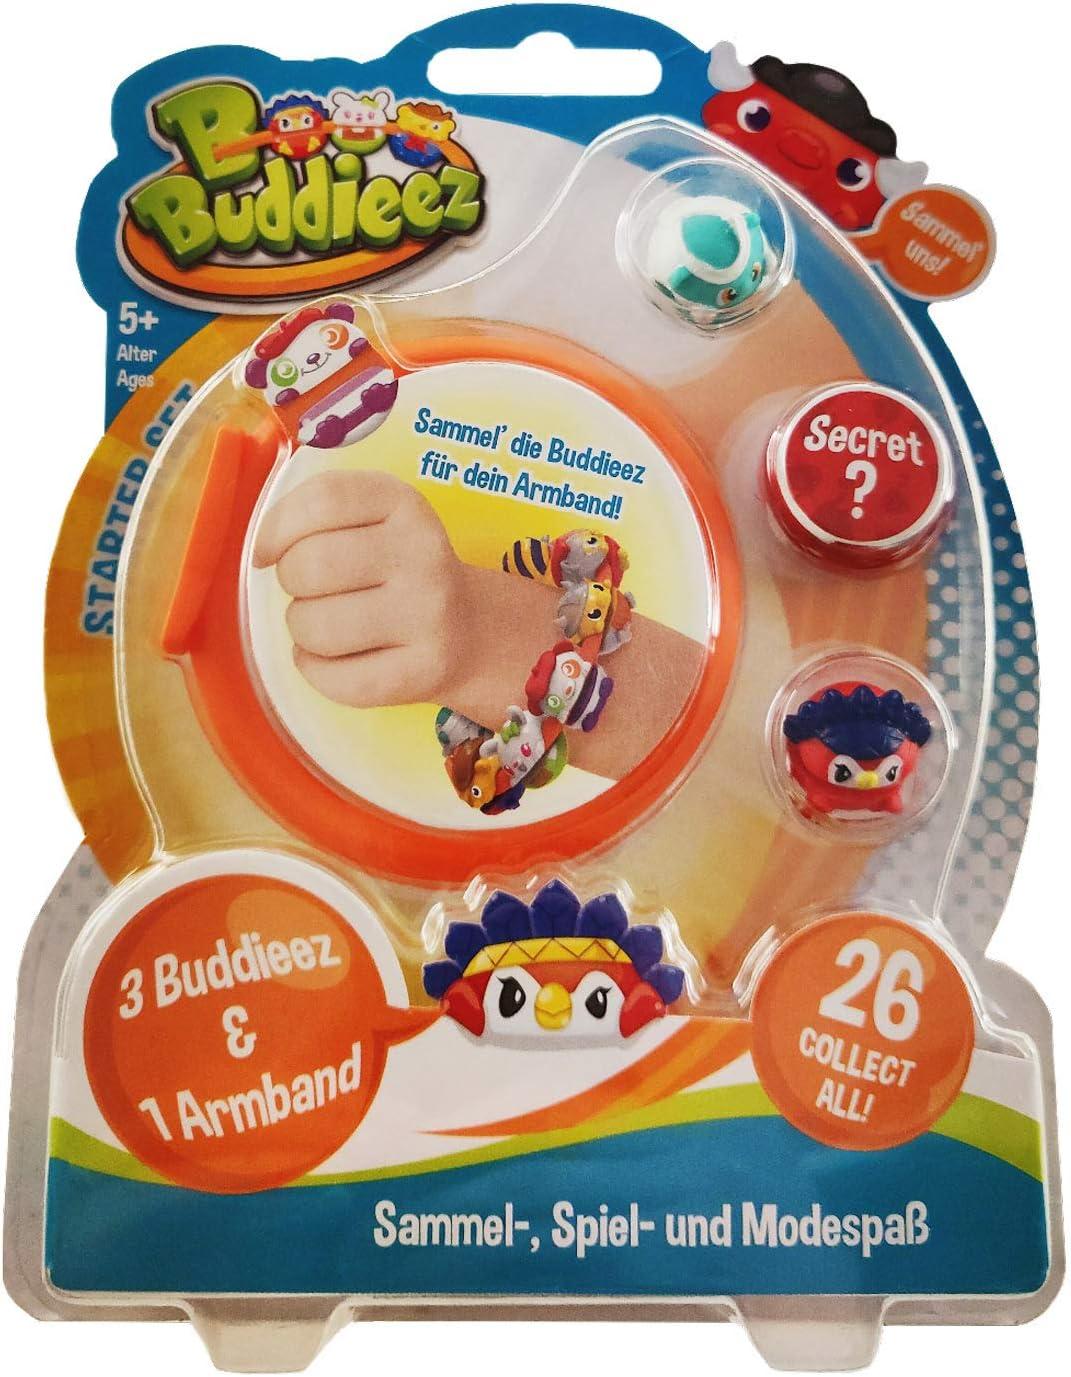 BBuddieez 4834-3 Buddieez y un Pulsera, Cooler Colección Divertida para Niños de 5-12 Años: Amazon.es: Juguetes y juegos